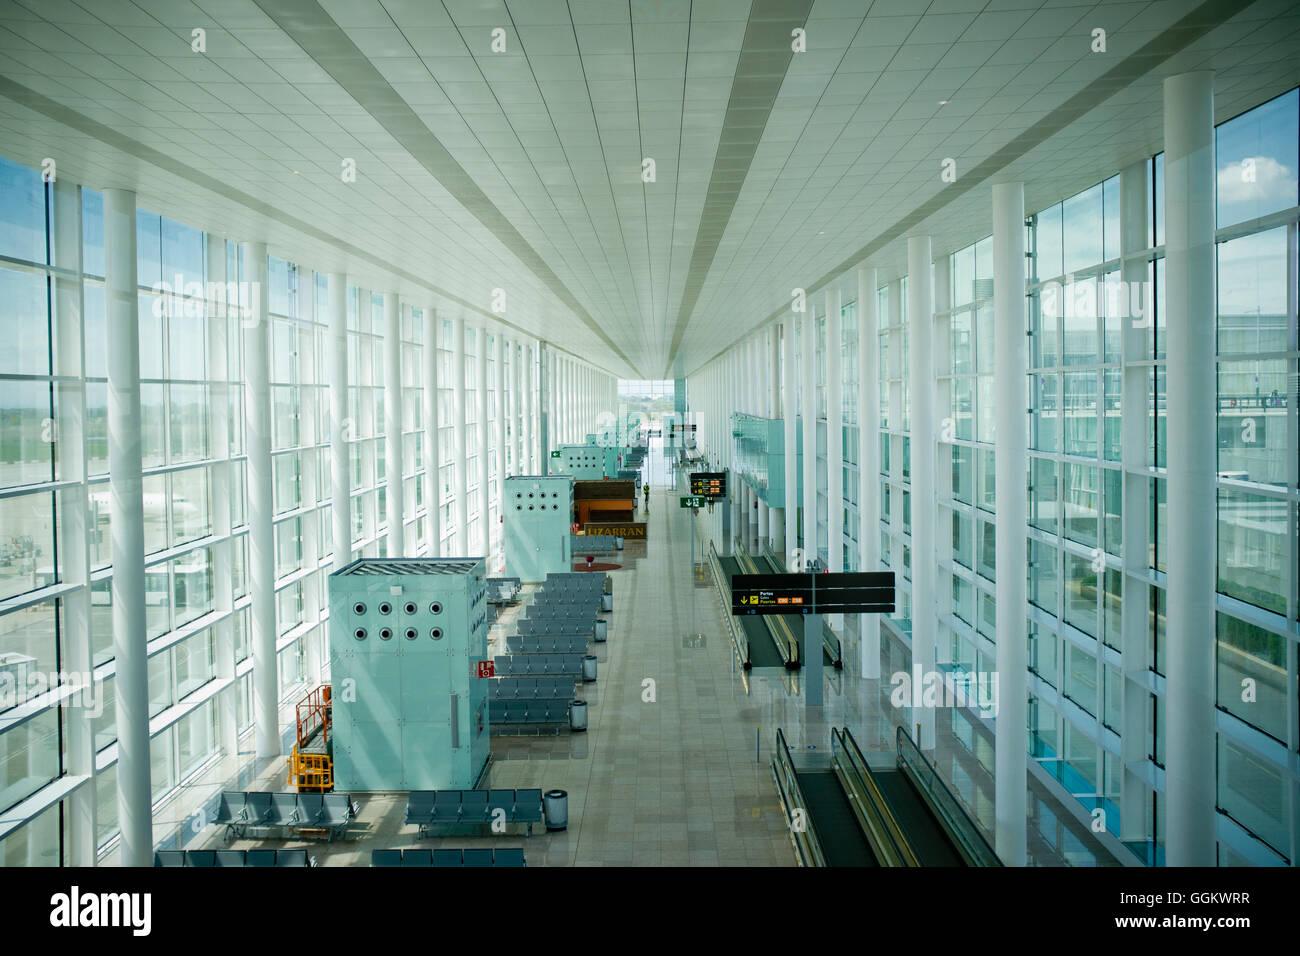 Interior view of Barcelona El Prat International Airport (Spain). © Jordi Boixareu - Stock Image